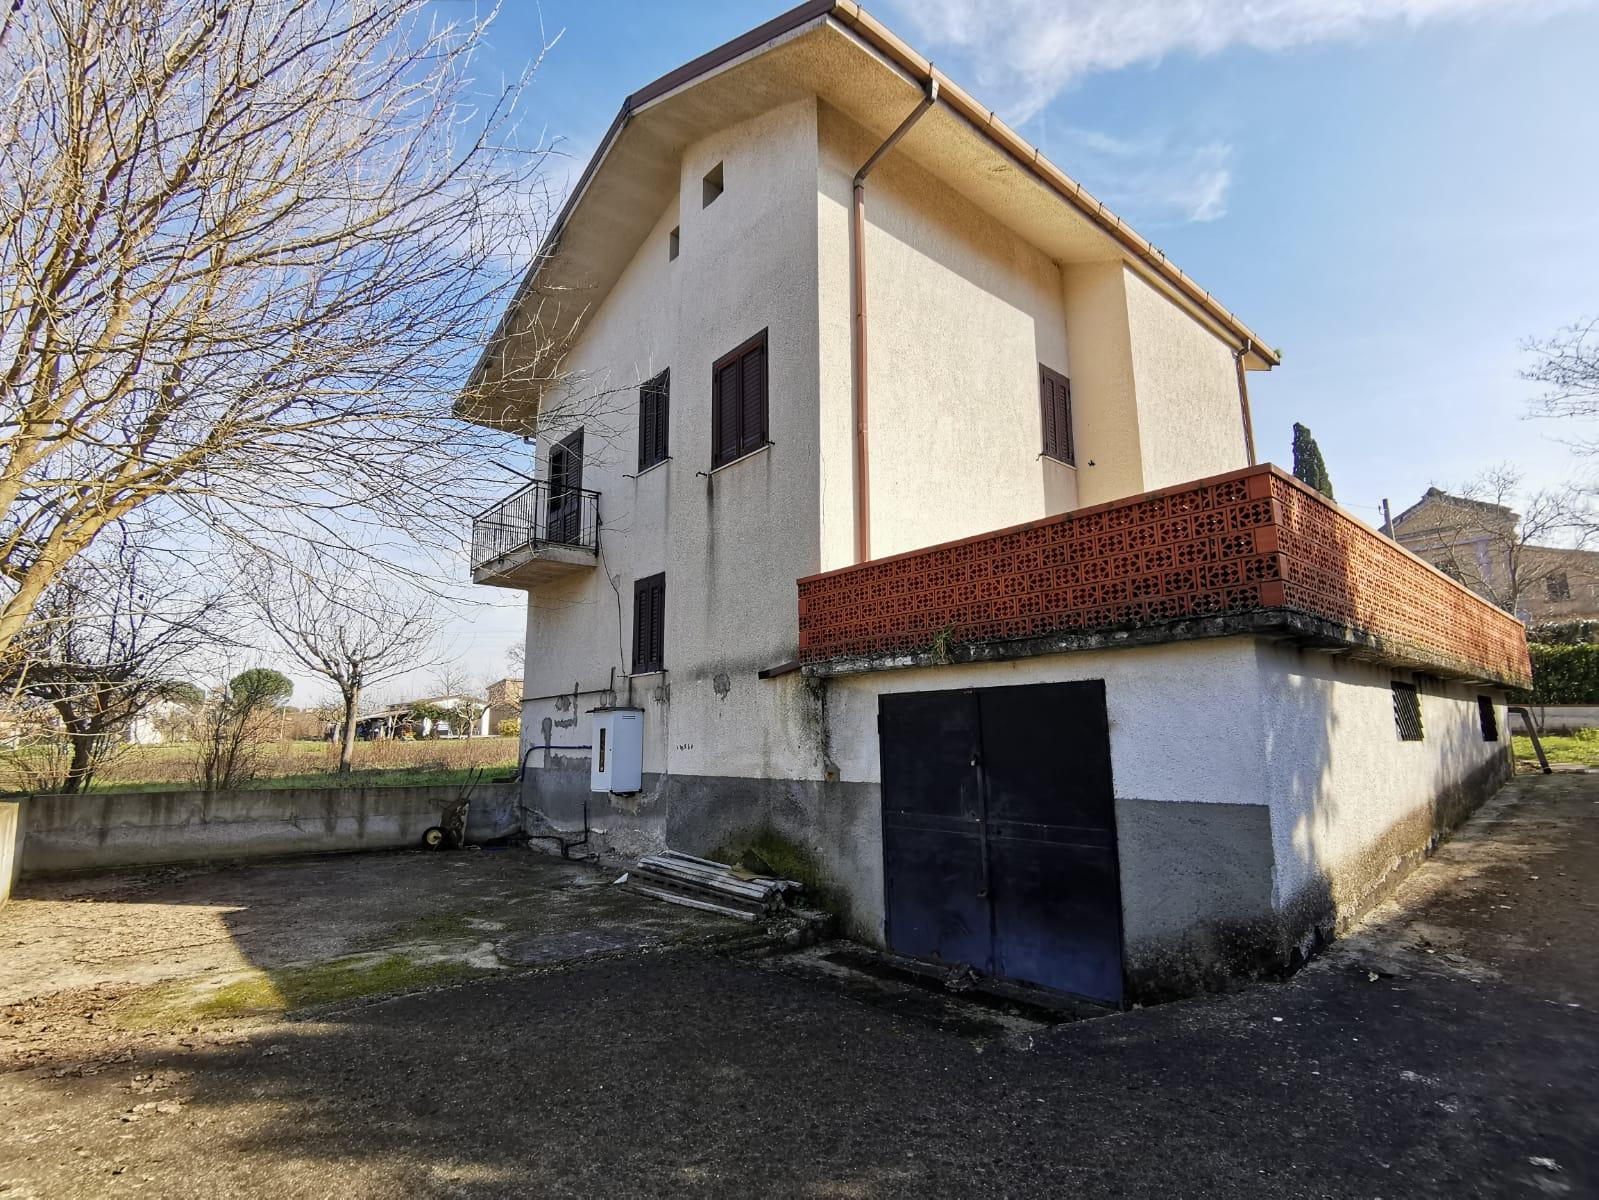 Soluzione Indipendente in vendita a Benevento, 7 locali, zona Località: CONTRADE, prezzo € 185.000   CambioCasa.it